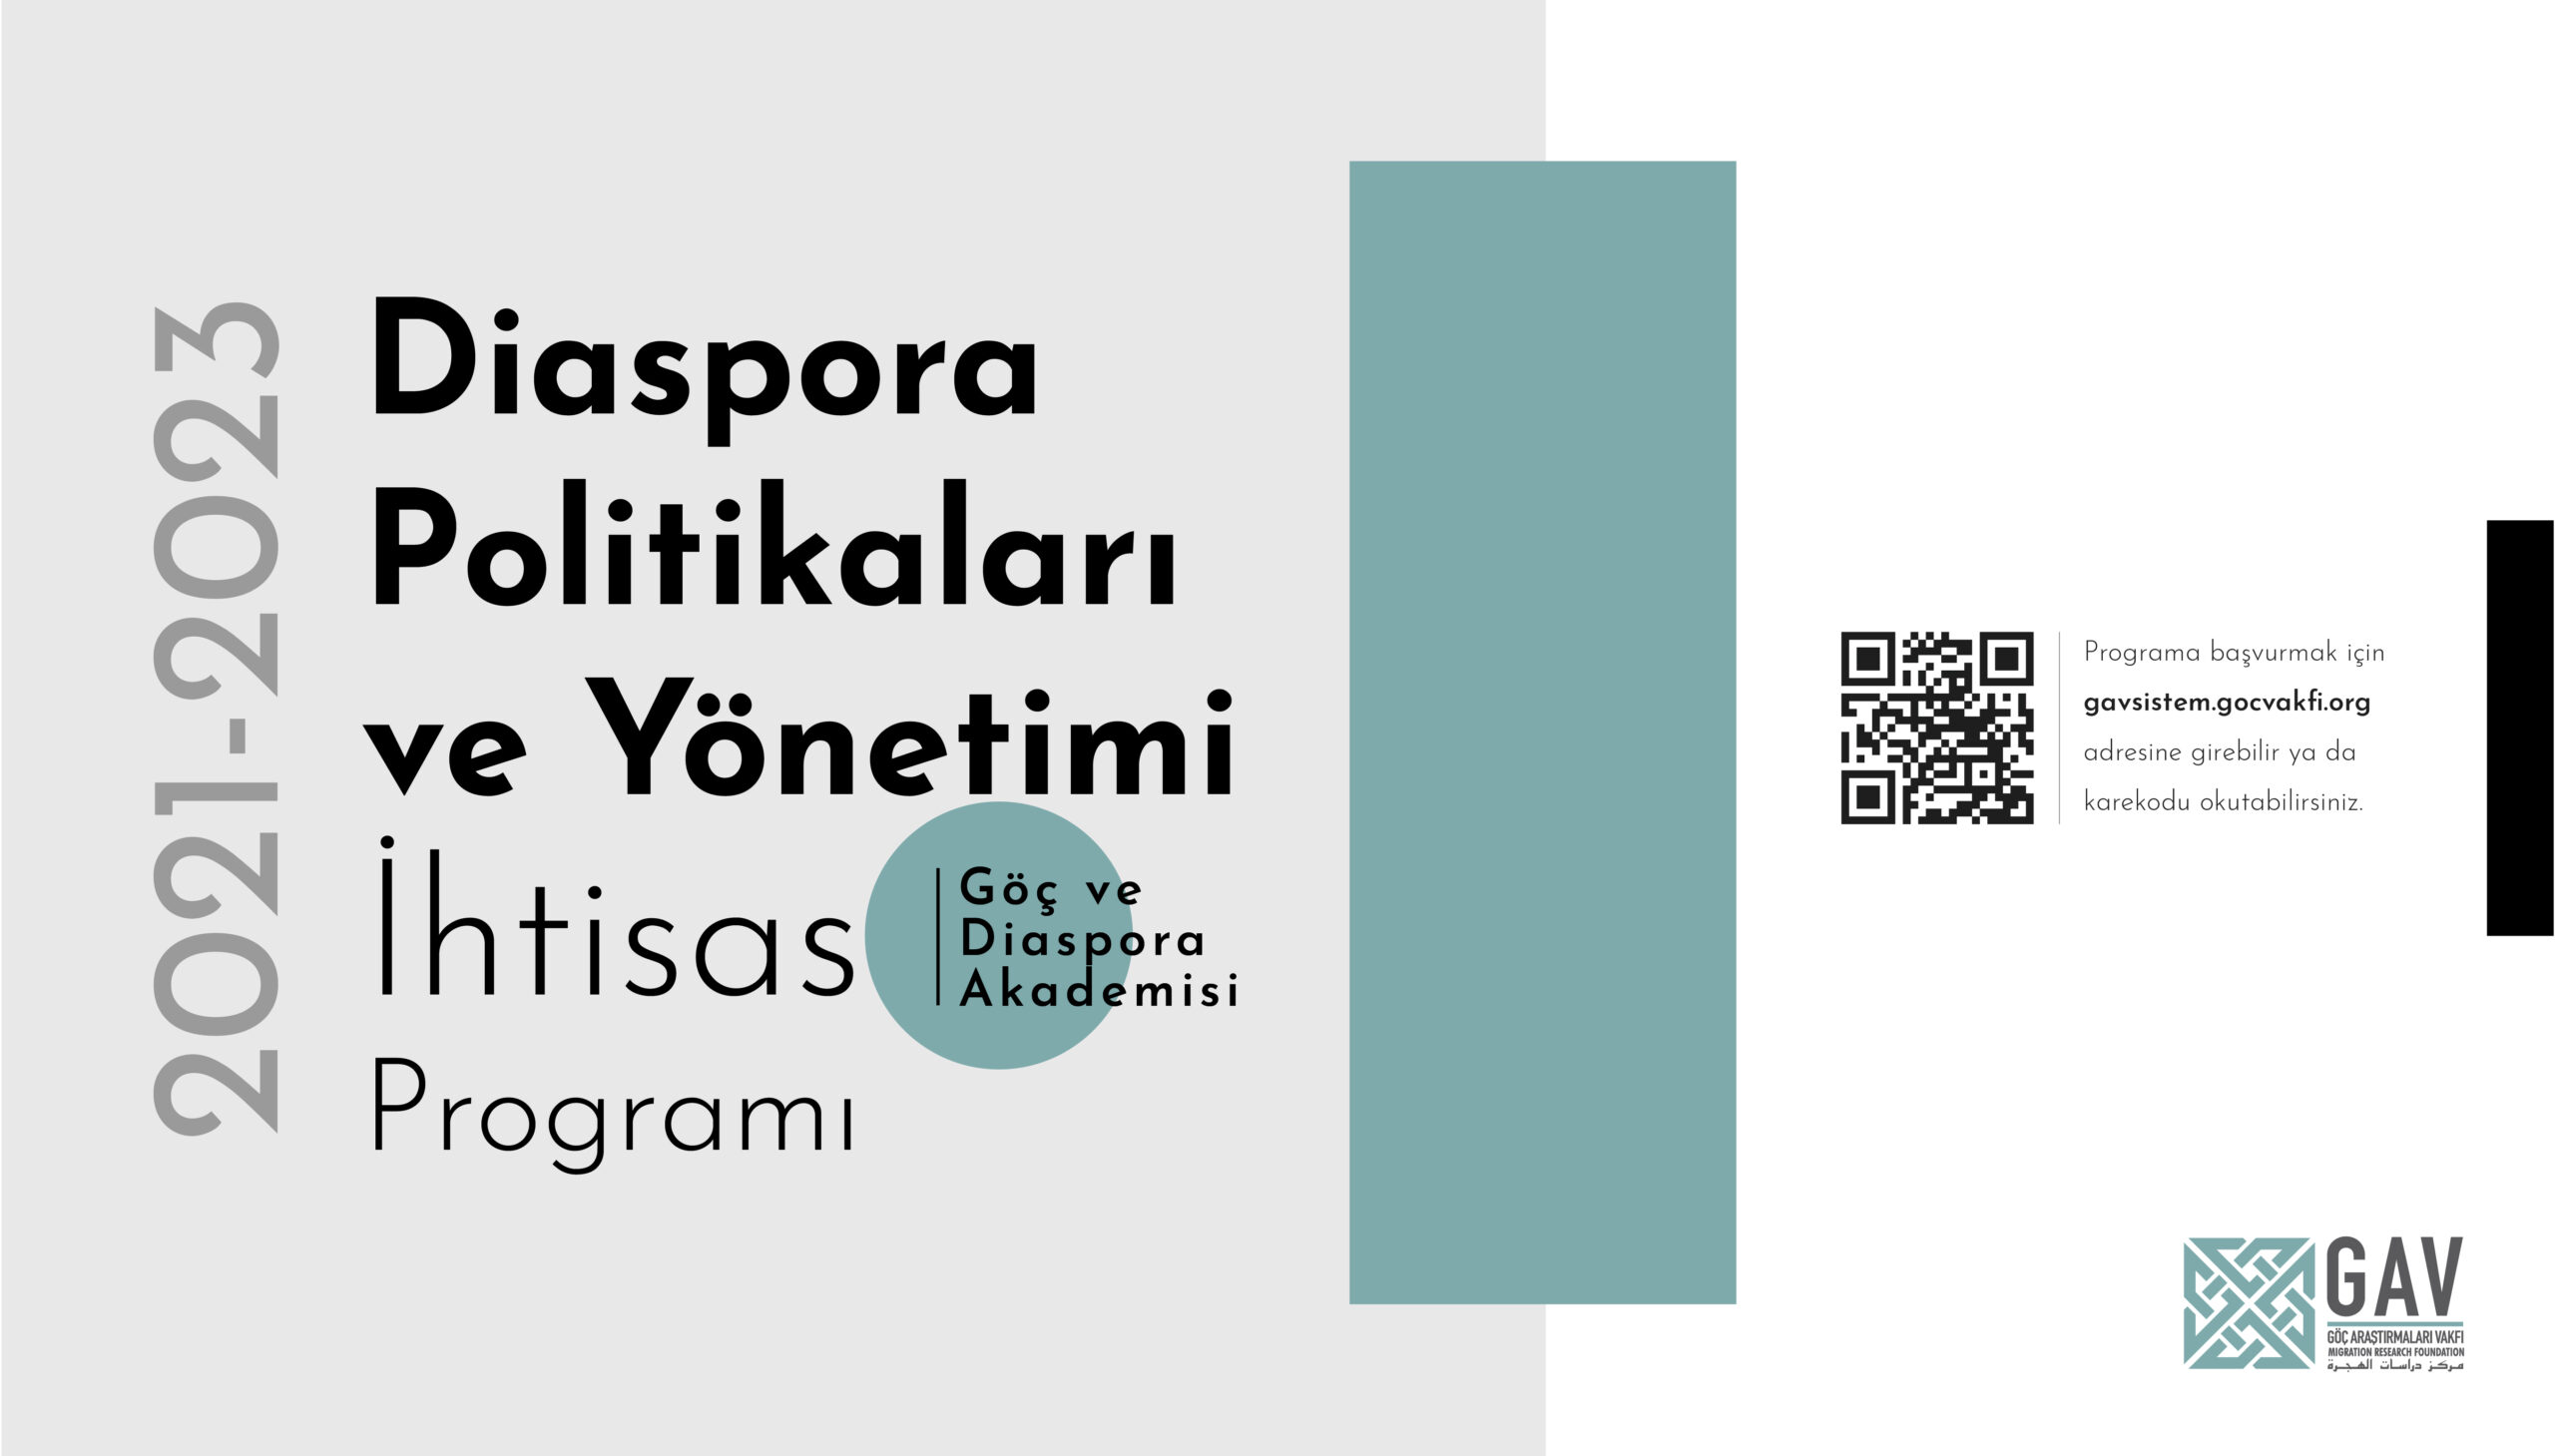 Diaspora Politikaları ve Yönetimi İhtisas Programı